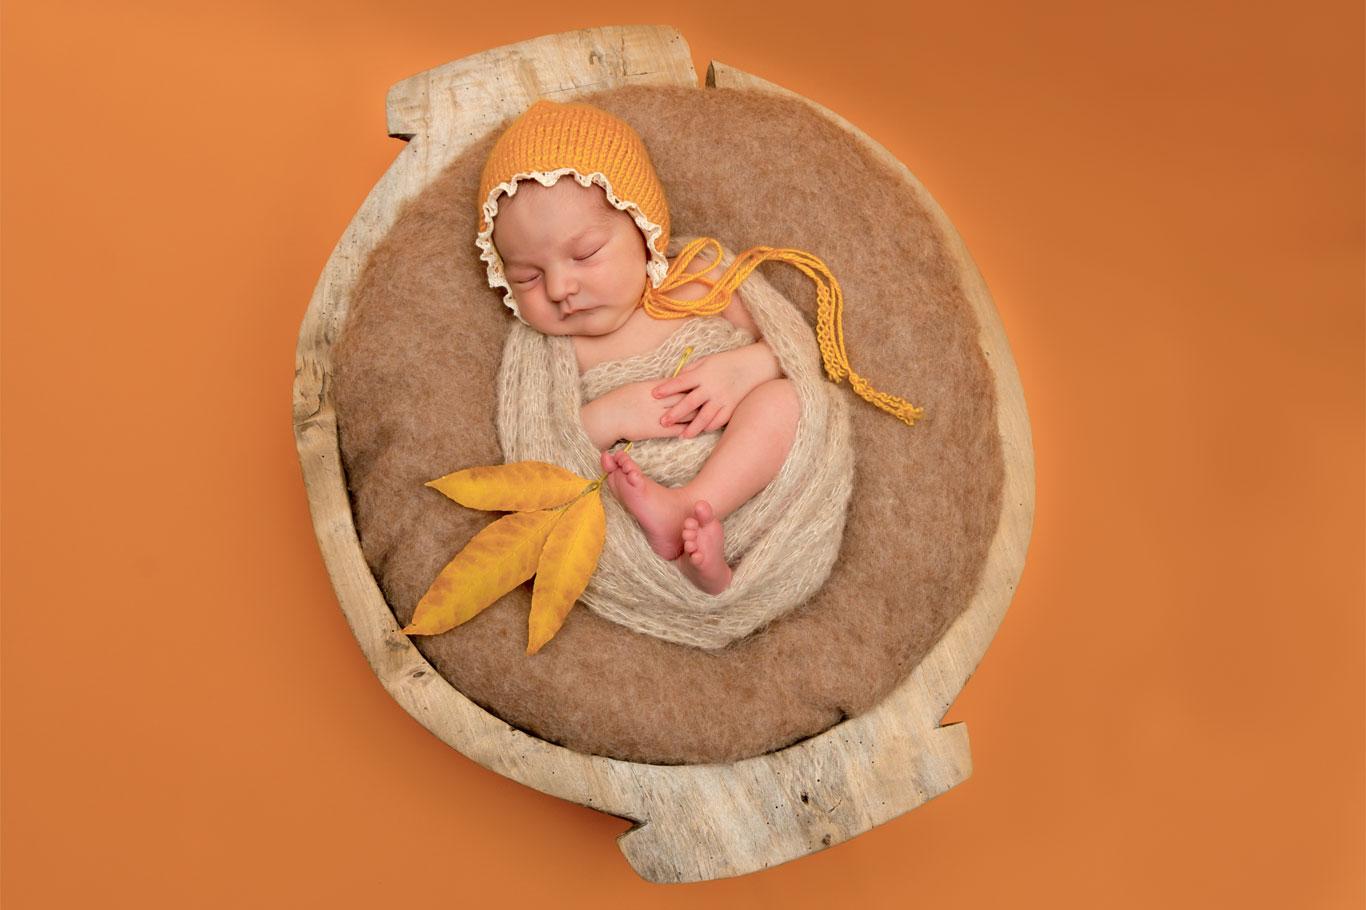 prelepa novorođena devojčica u drvenom lavoru na narandžastoj podlozi